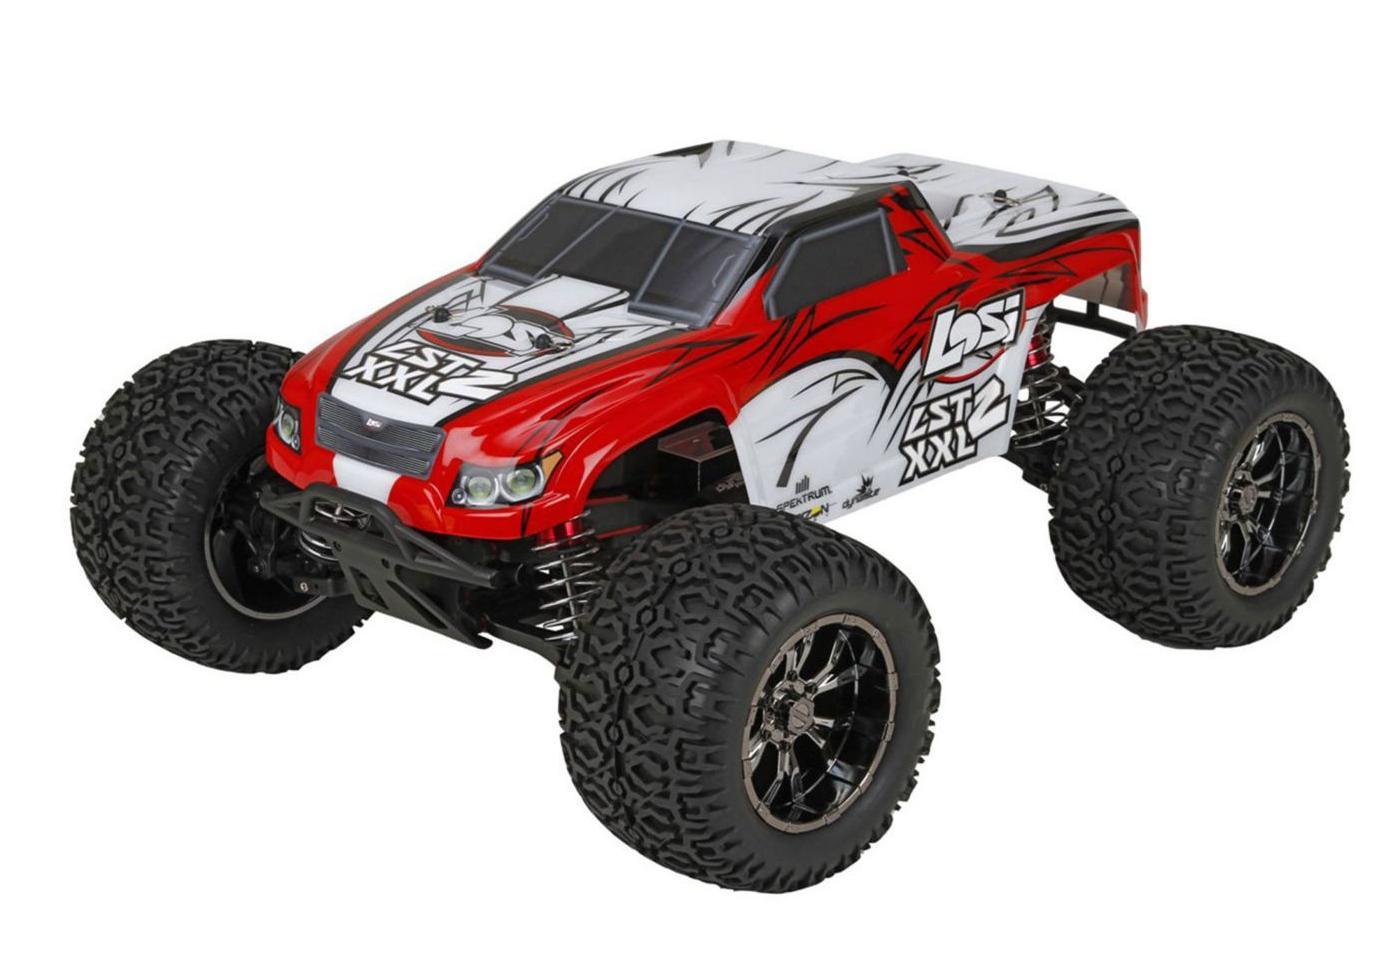 Team Losi Радиоуправляемая машина Трак 1/8 - LST XXL-2 (AVC 4WD) (Бензиновый)